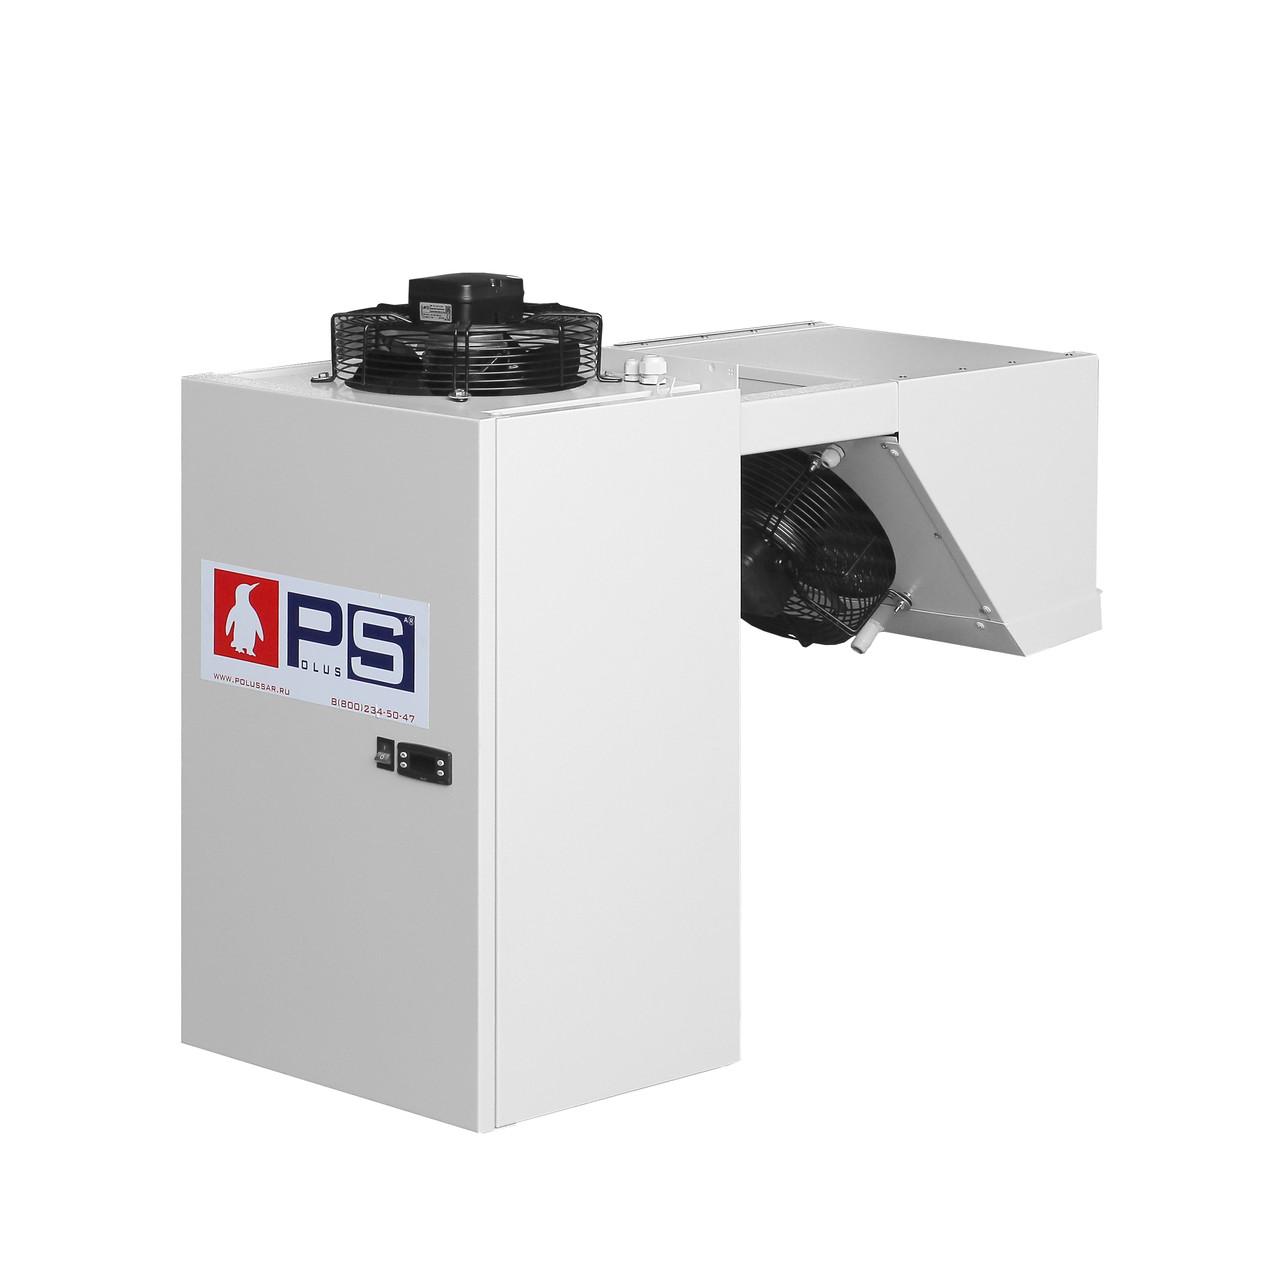 Моноблок низкотемпературный ПОЛЮС-САР 3-8м³ BGM 112 F